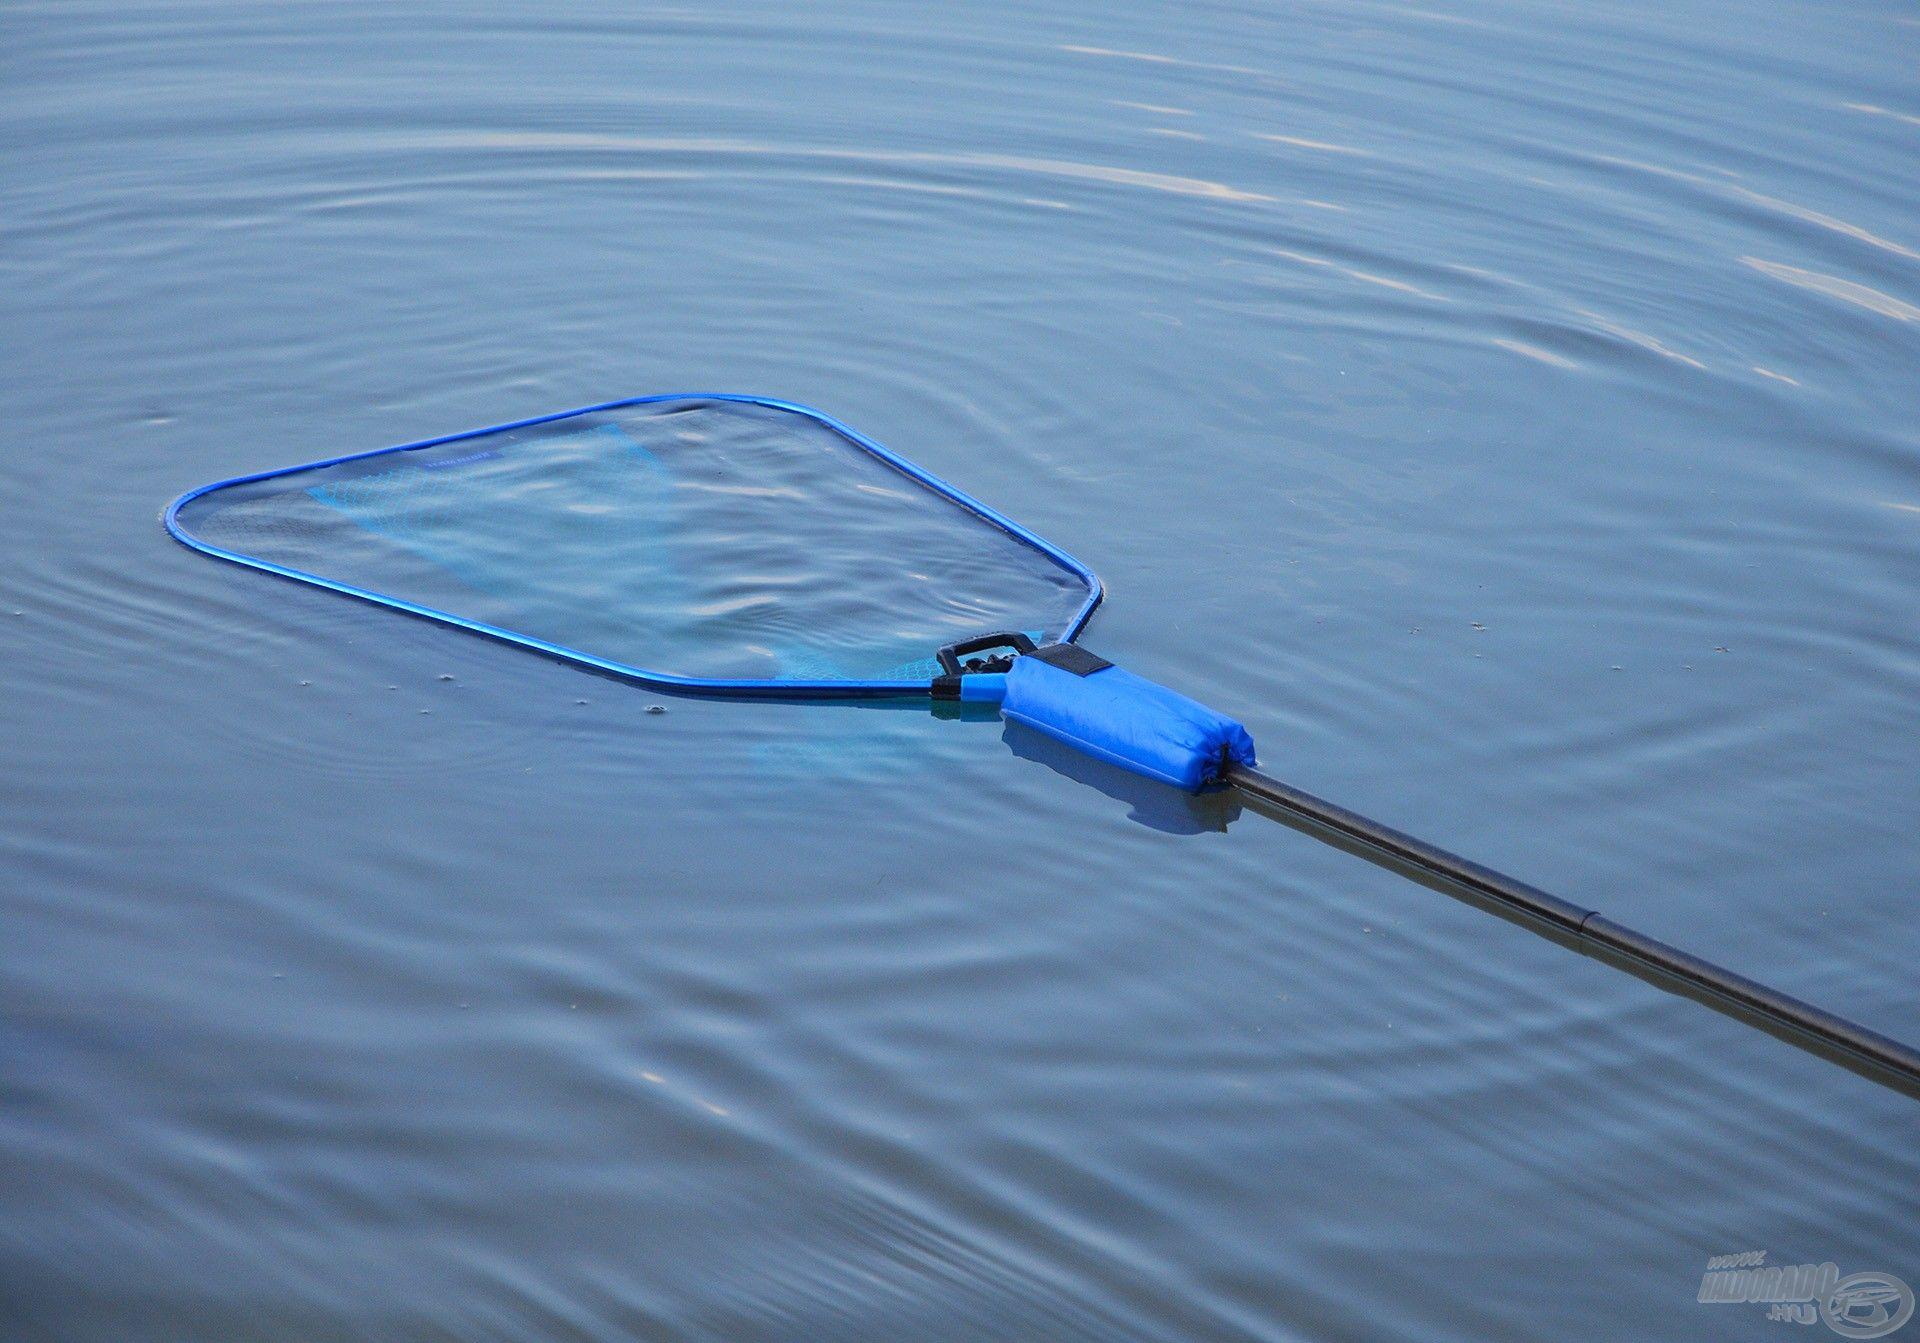 Ez fenntartja annyira a merítőt, hogy az ne tudjon a vízben elmerülni